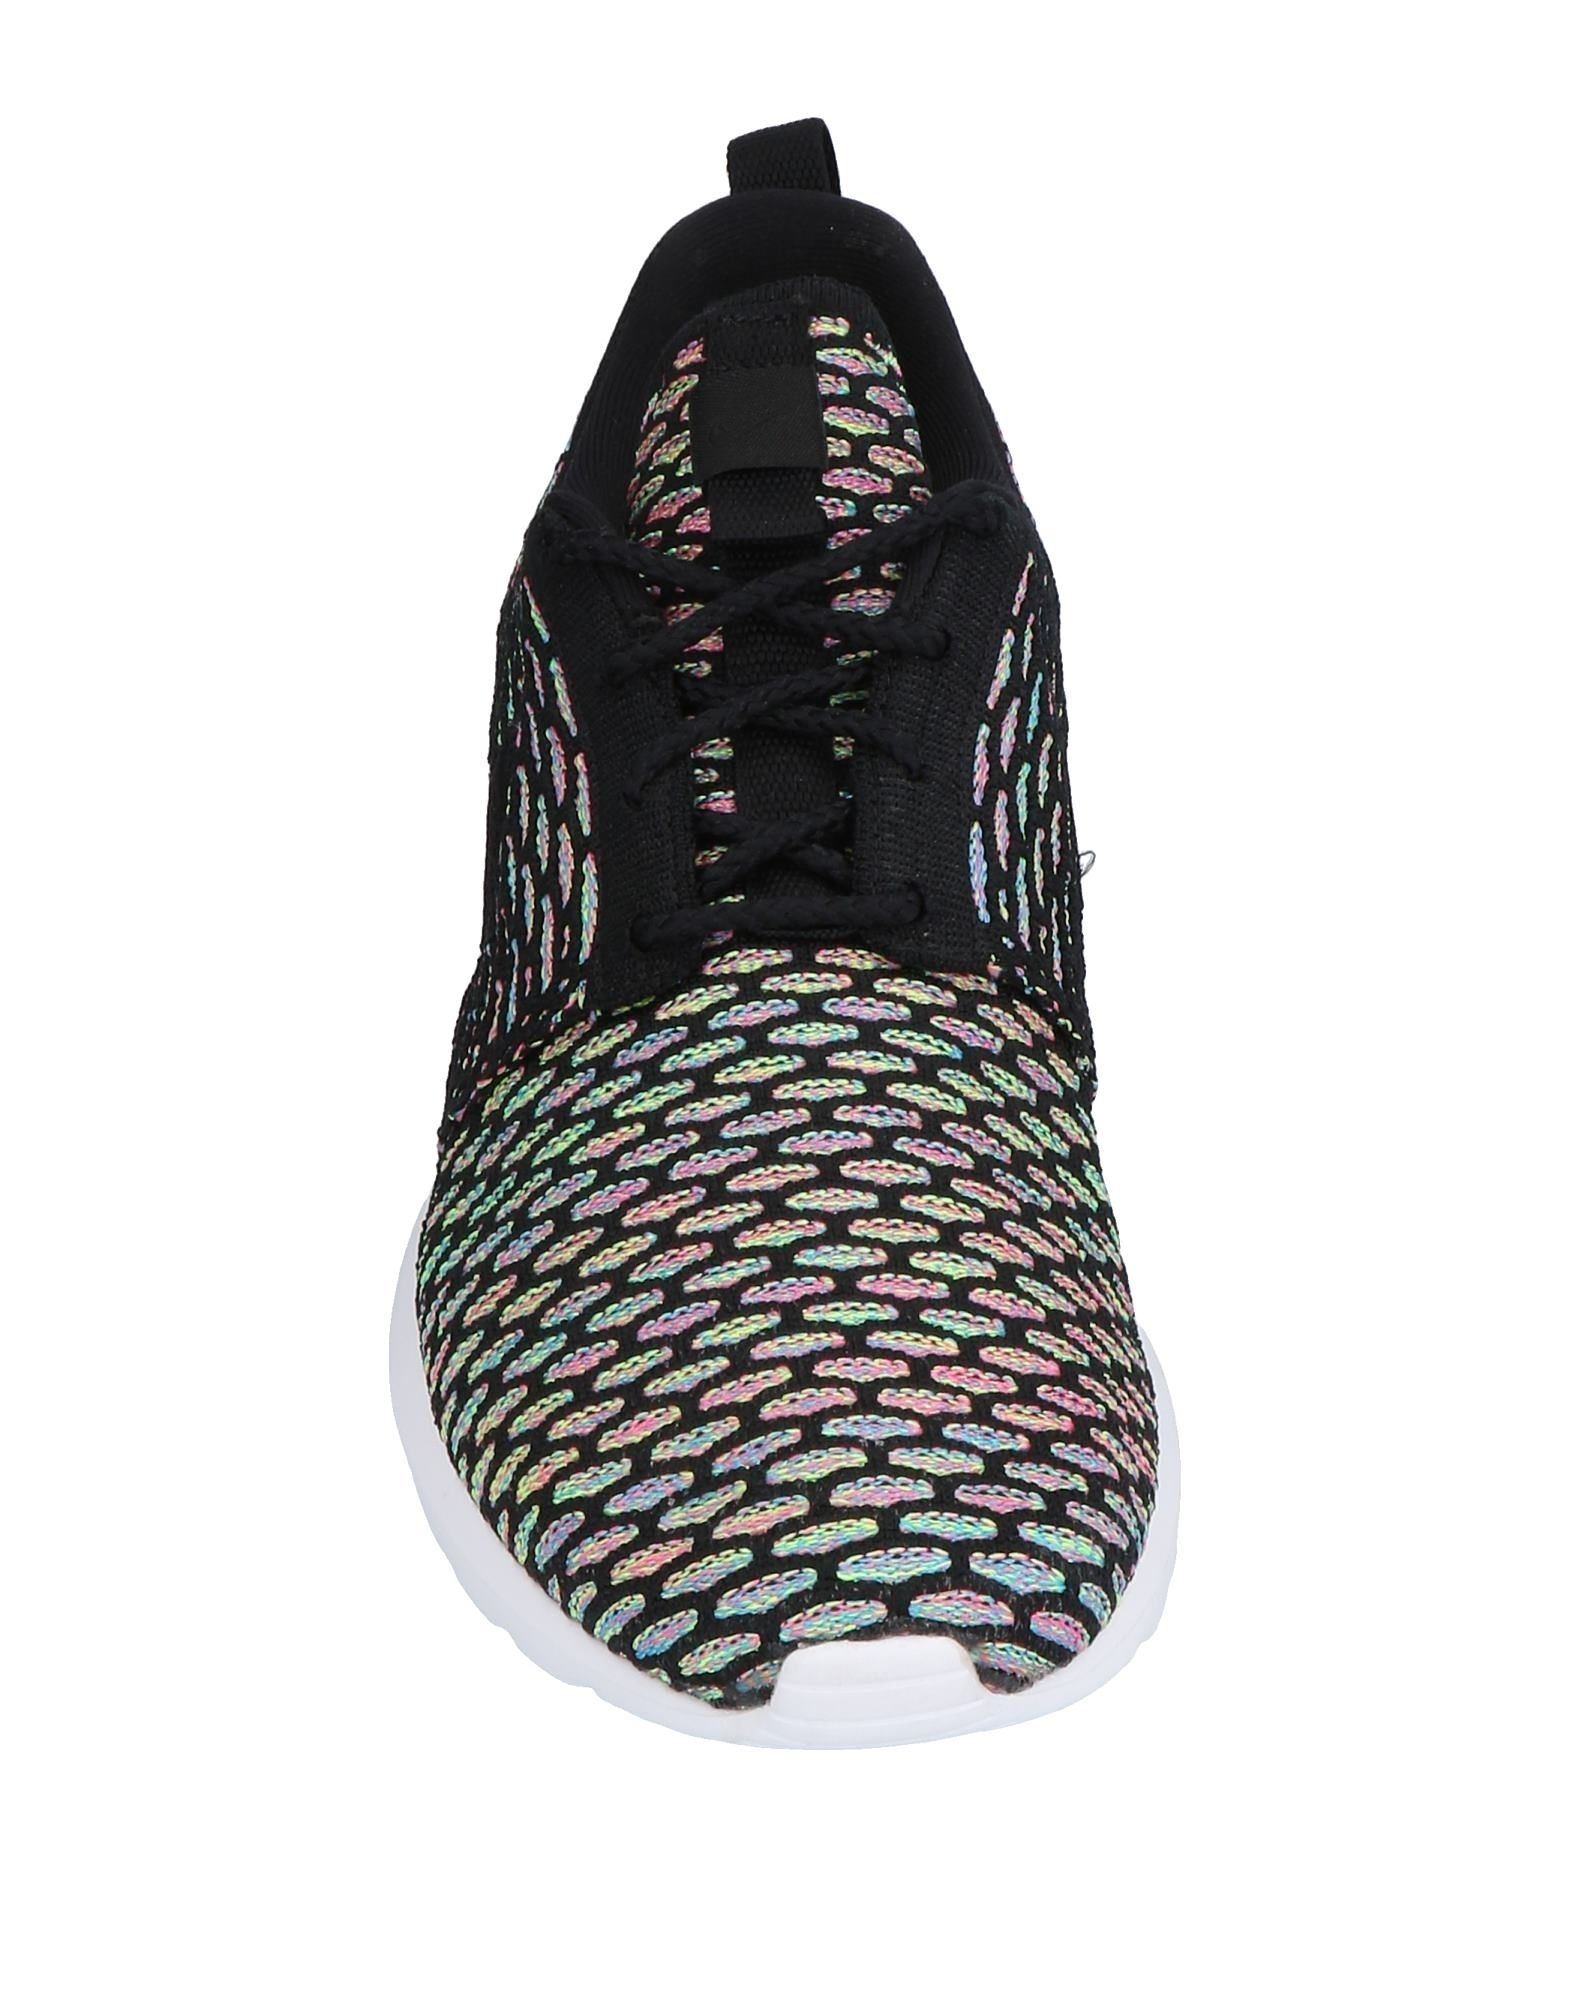 Rabatt Nike echte Schuhe Nike Rabatt Sneakers Herren  11486236DJ aed37f